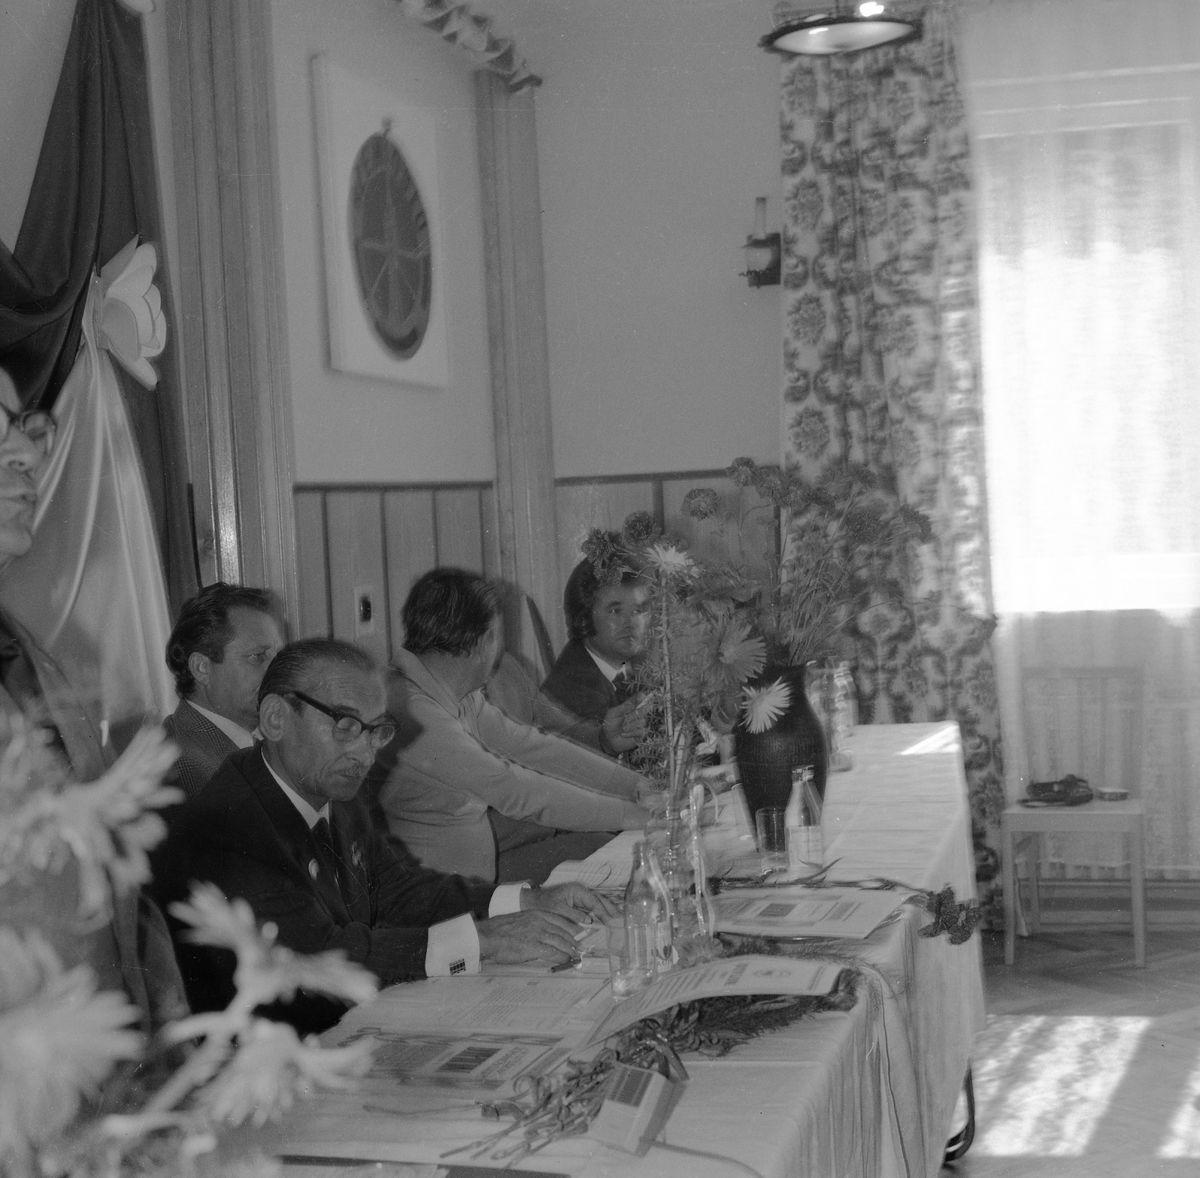 Obchody 30-lecia PRL, 1974 r. [6]